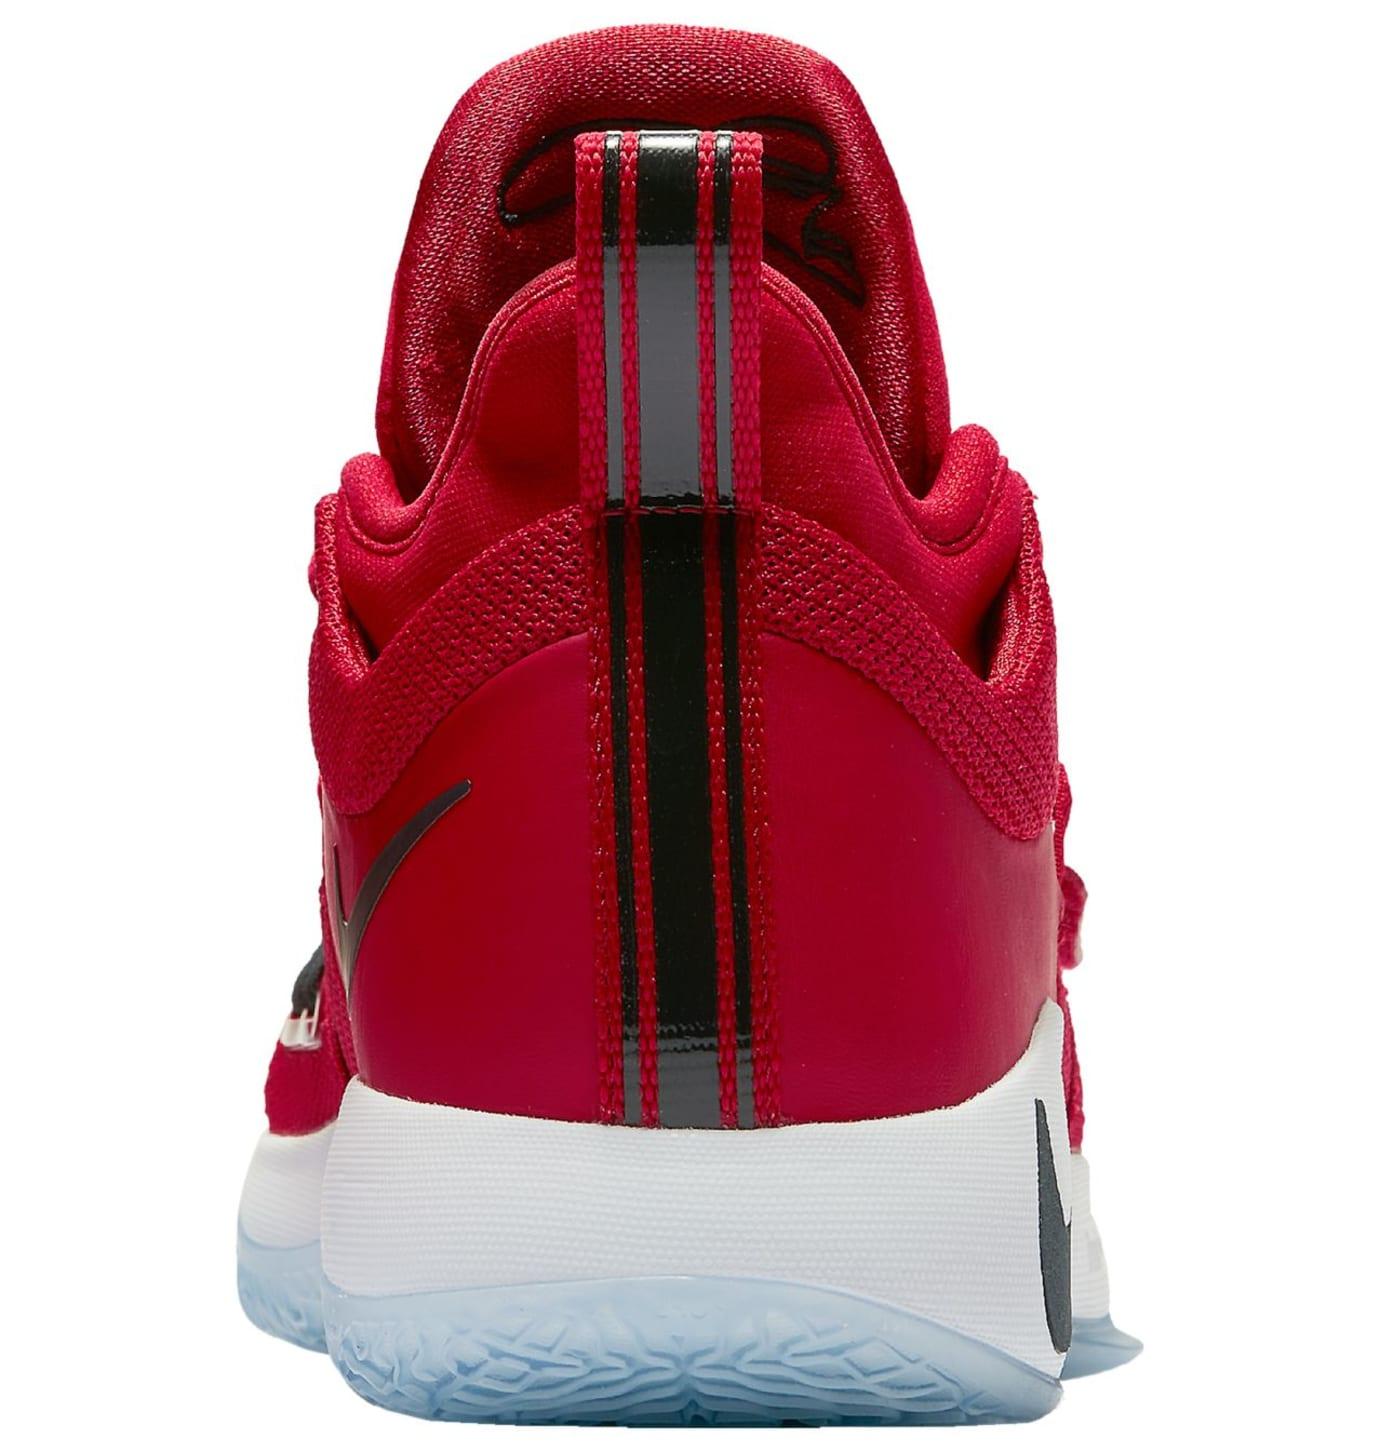 Nike PG 2.5 'Fresno St. Bulldogs' Gym Red/Dark Obsidian-White (Heel)